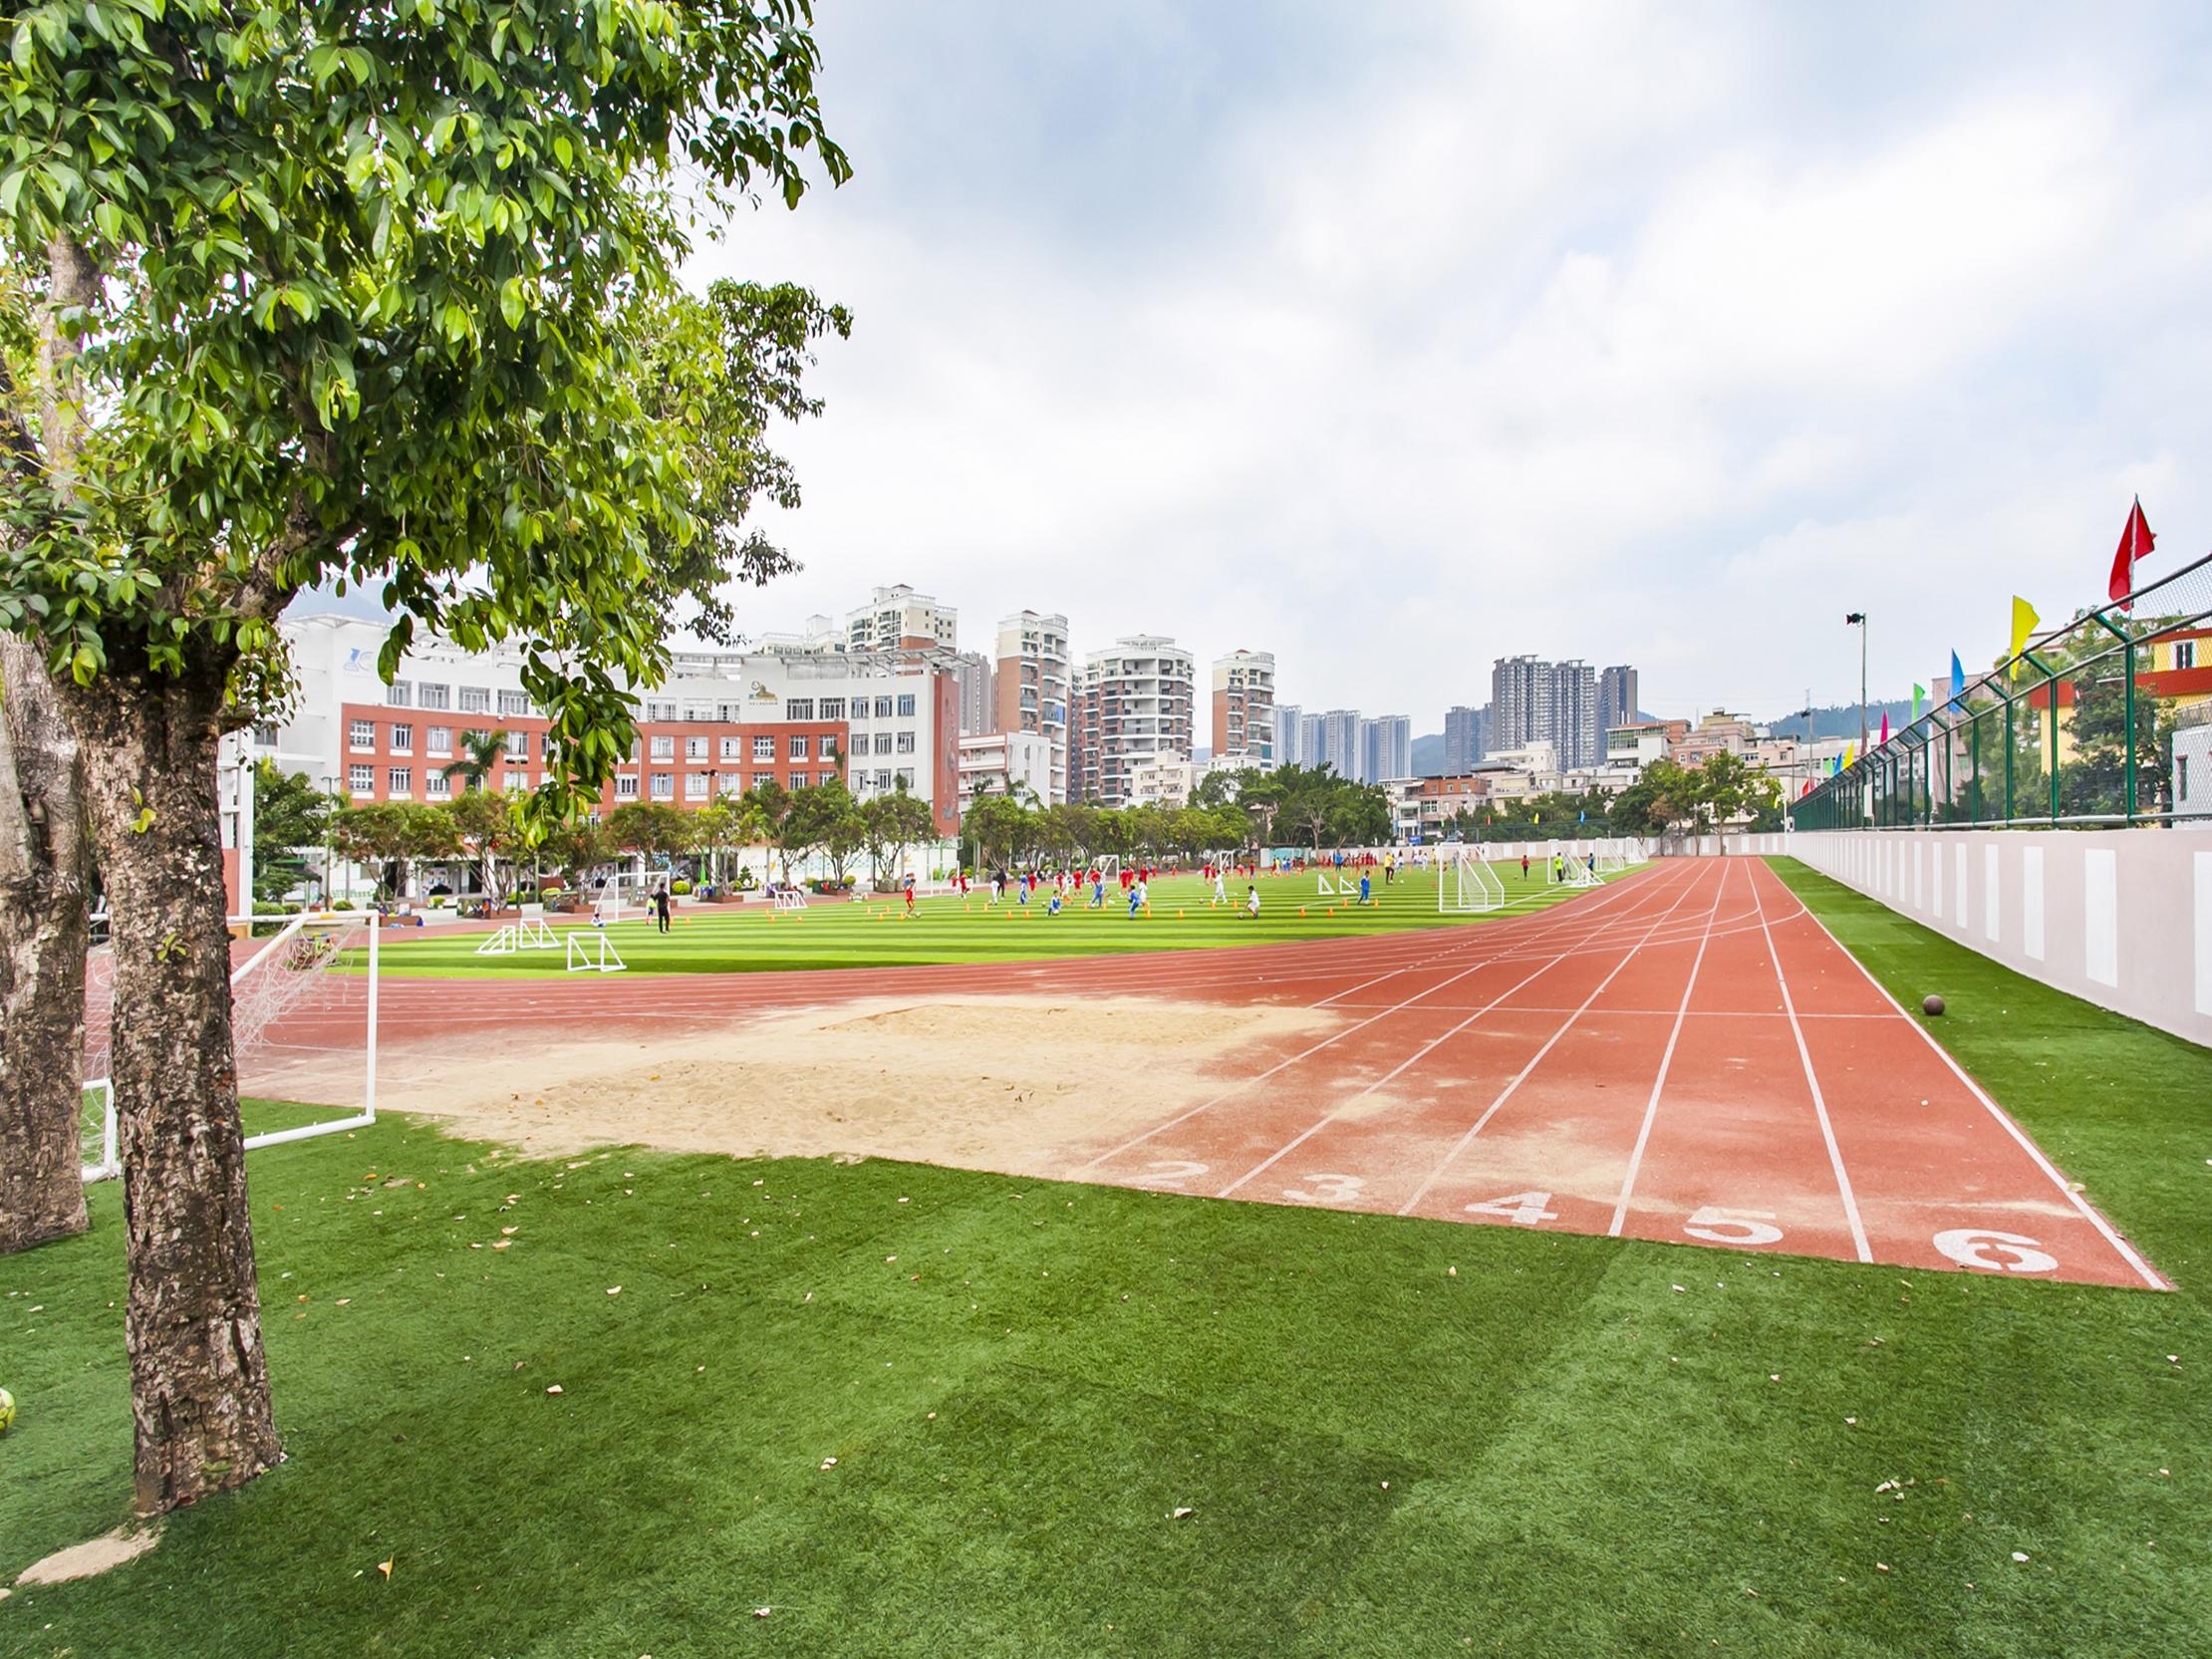 深圳市葵涌第二小学